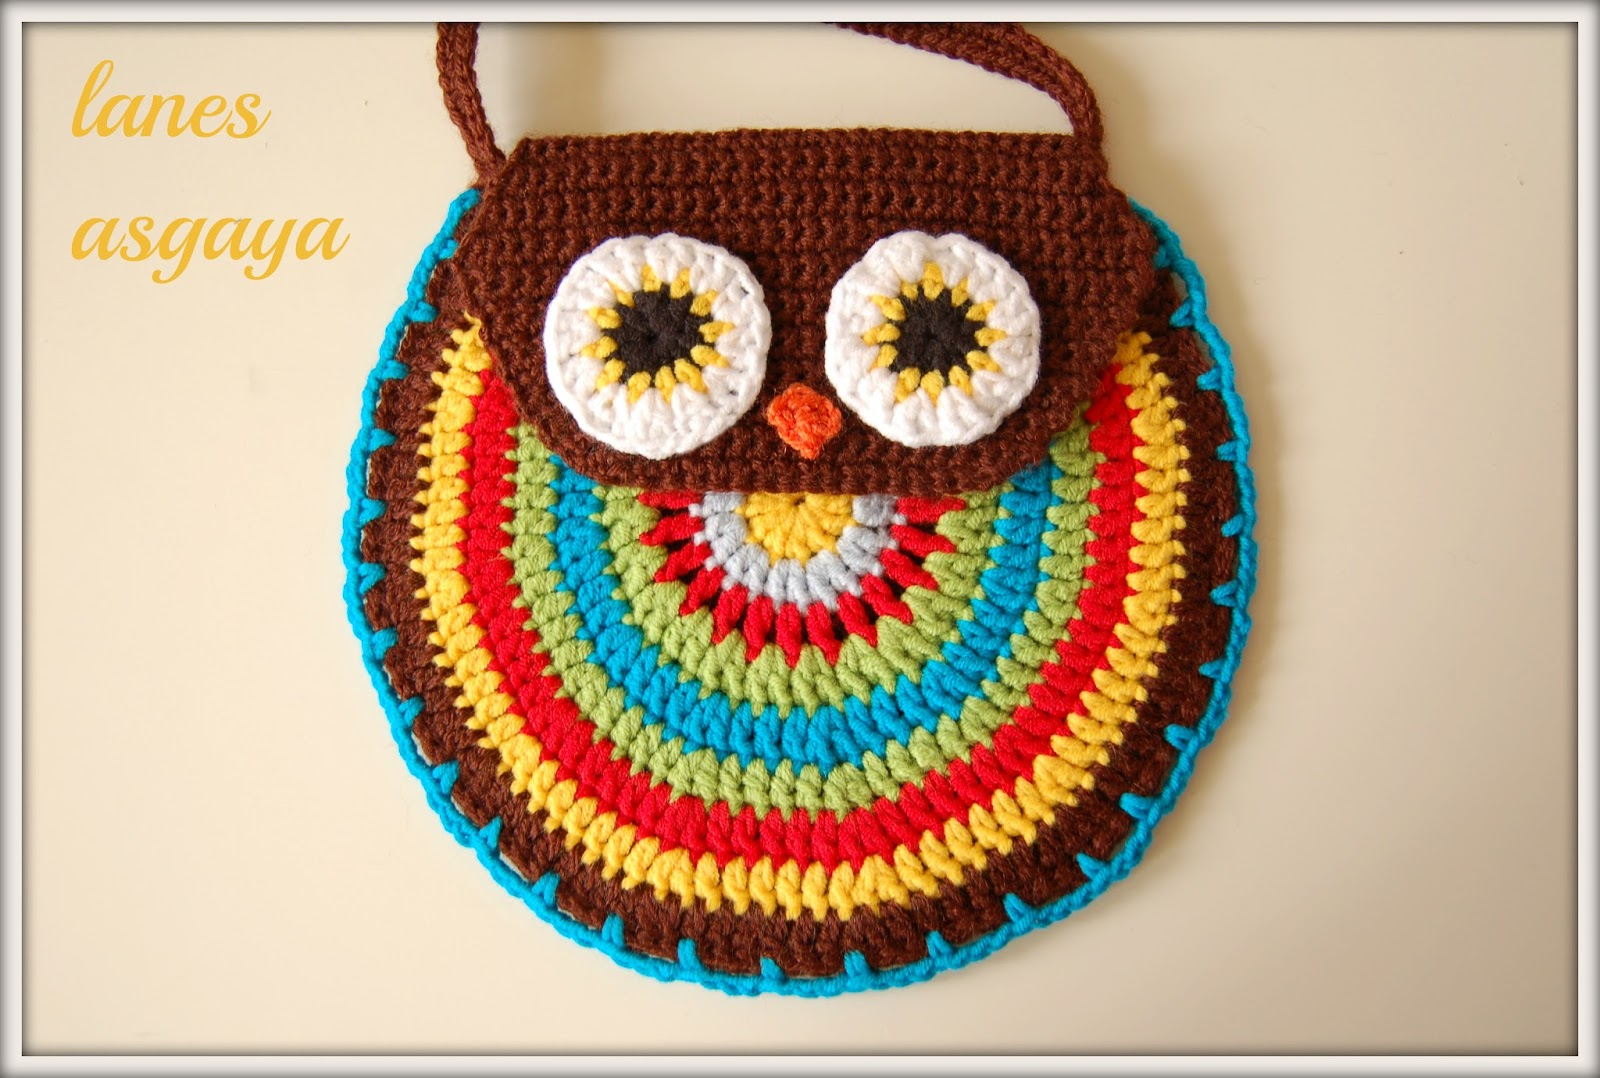 Lujoso Crochet Patrón Monedero Búho Motivo - Manta de Tejer Patrón ...